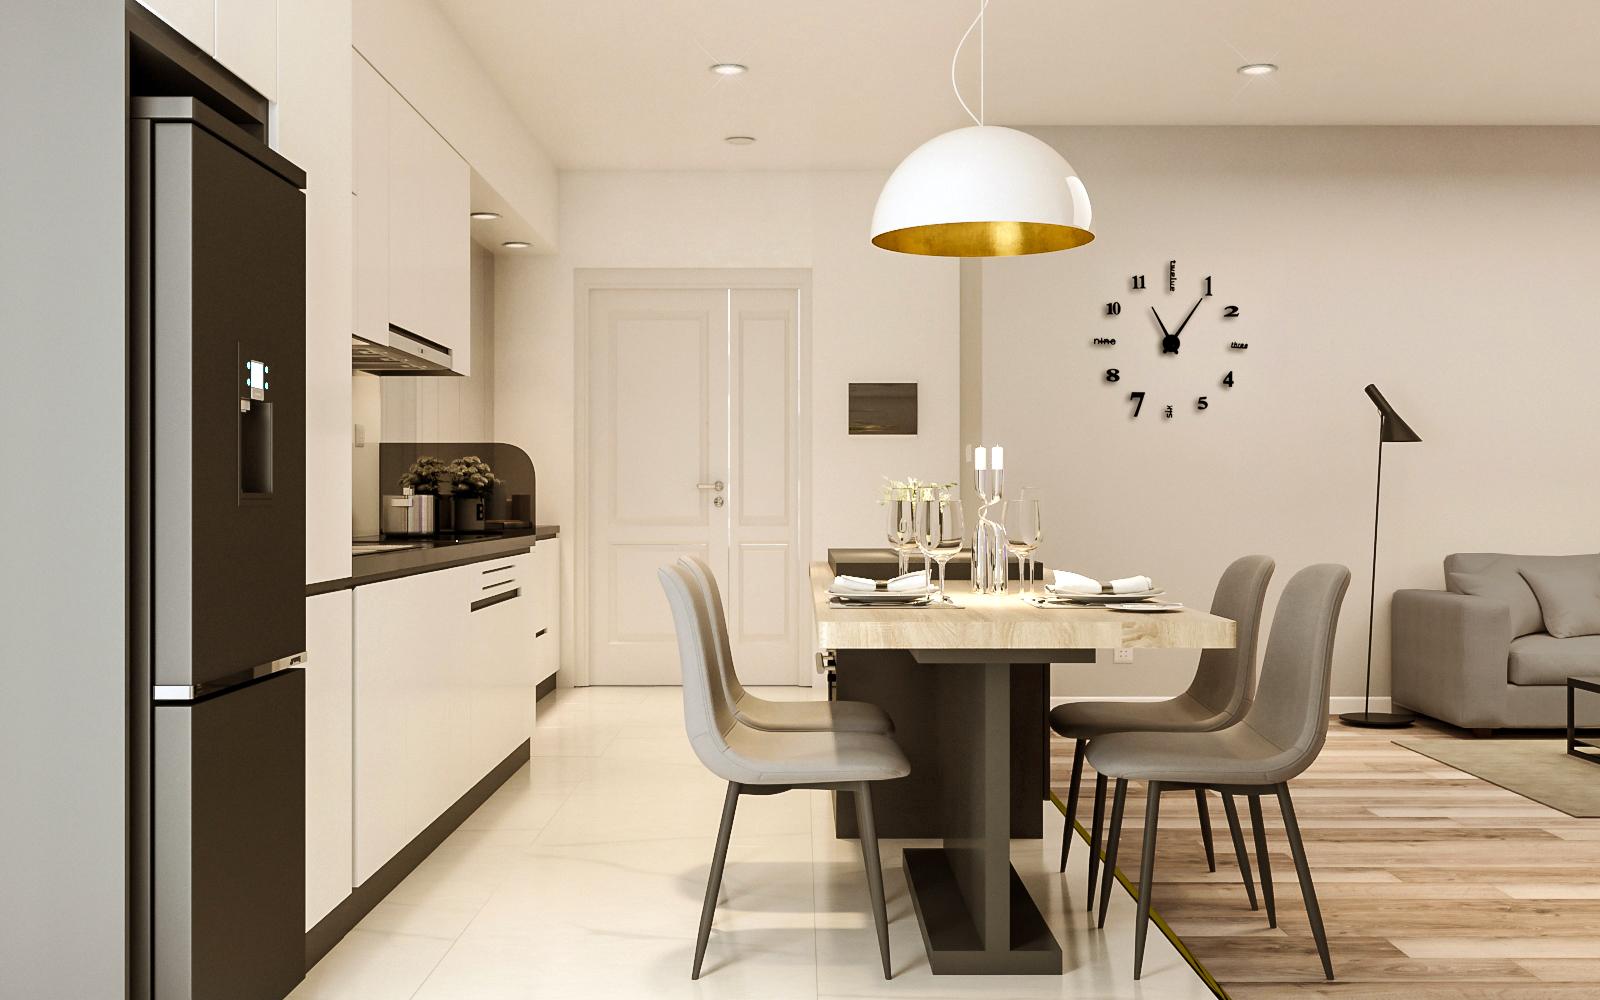 Tư vấn thiết kế cải tạo căn hộ chung cư diện tích 79m² với tổng chi phí 140 triệu đồng - Ảnh 6.